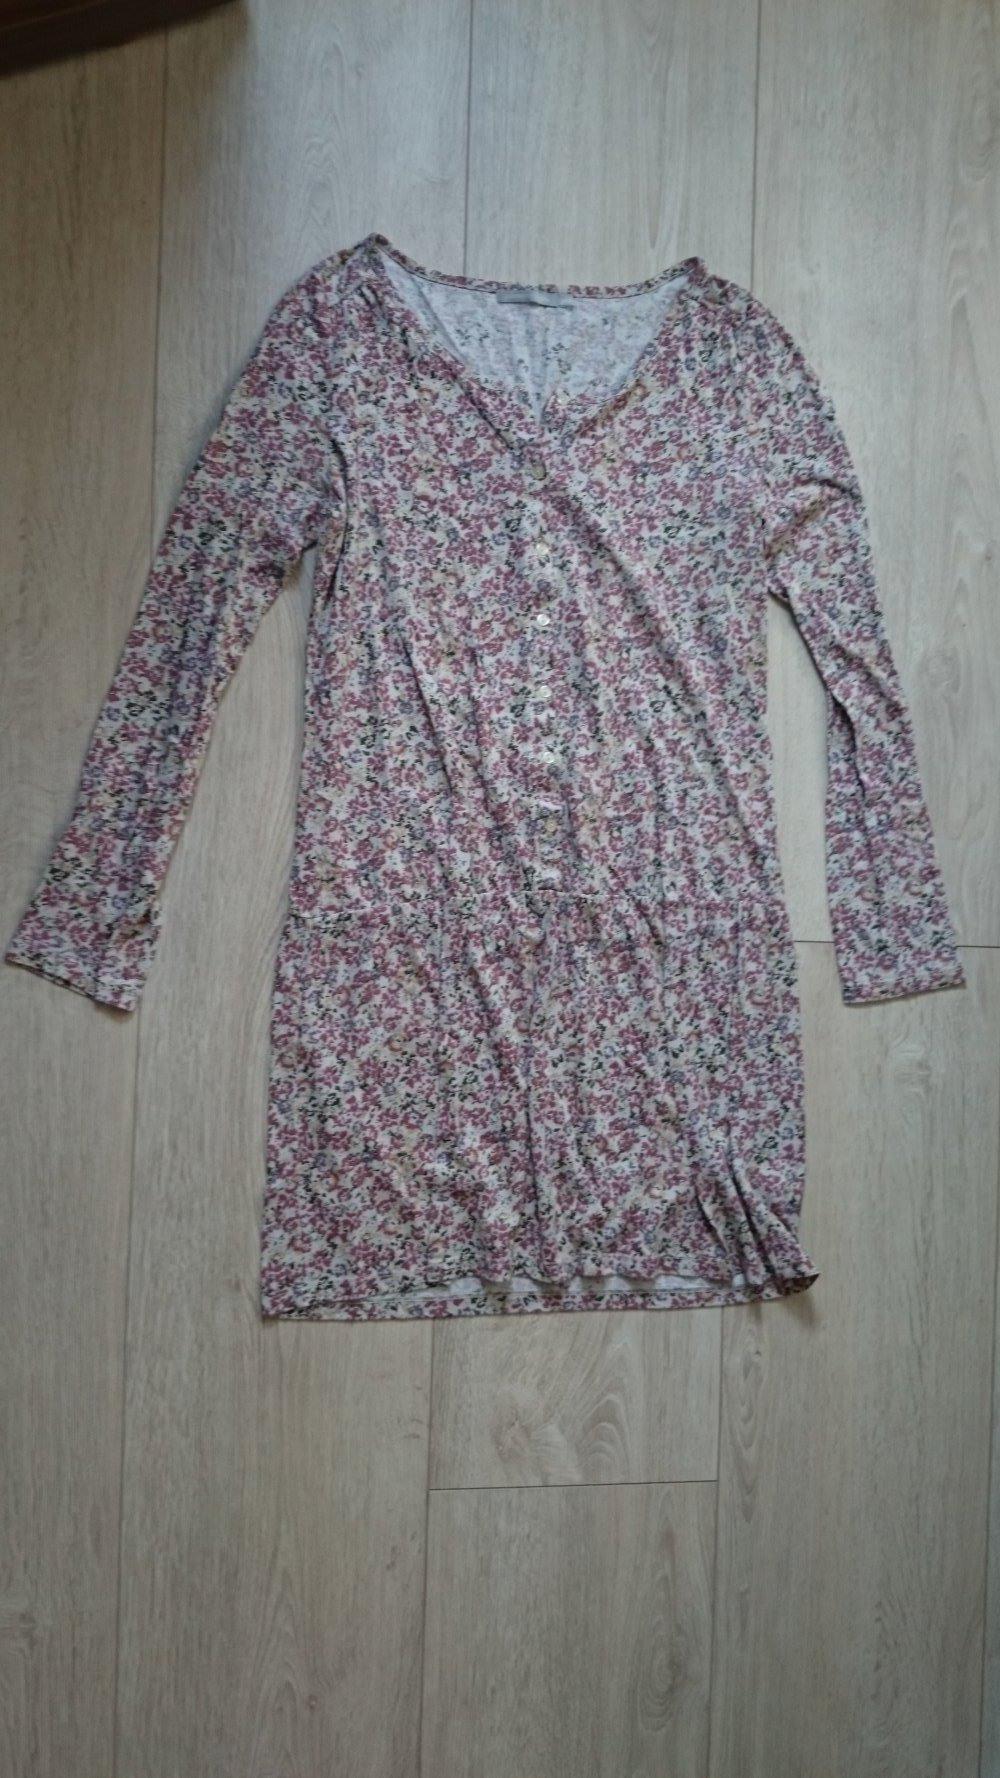 Elegant Blümchenkleid Damen Stylish13 Wunderbar Blümchenkleid Damen Galerie